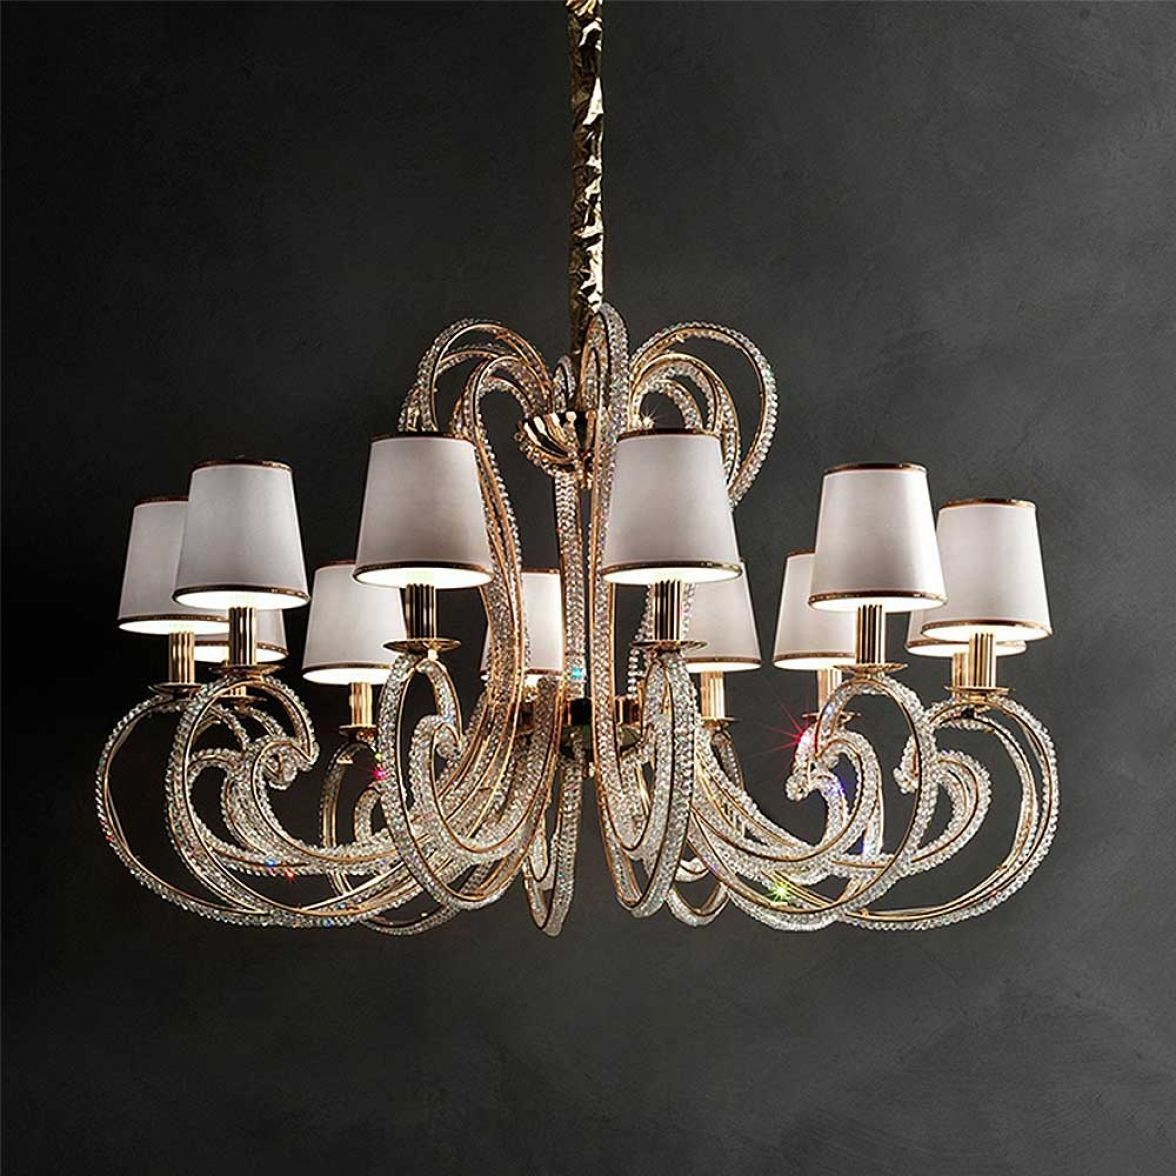 CRISTALRY GOLD chandelier фото цена